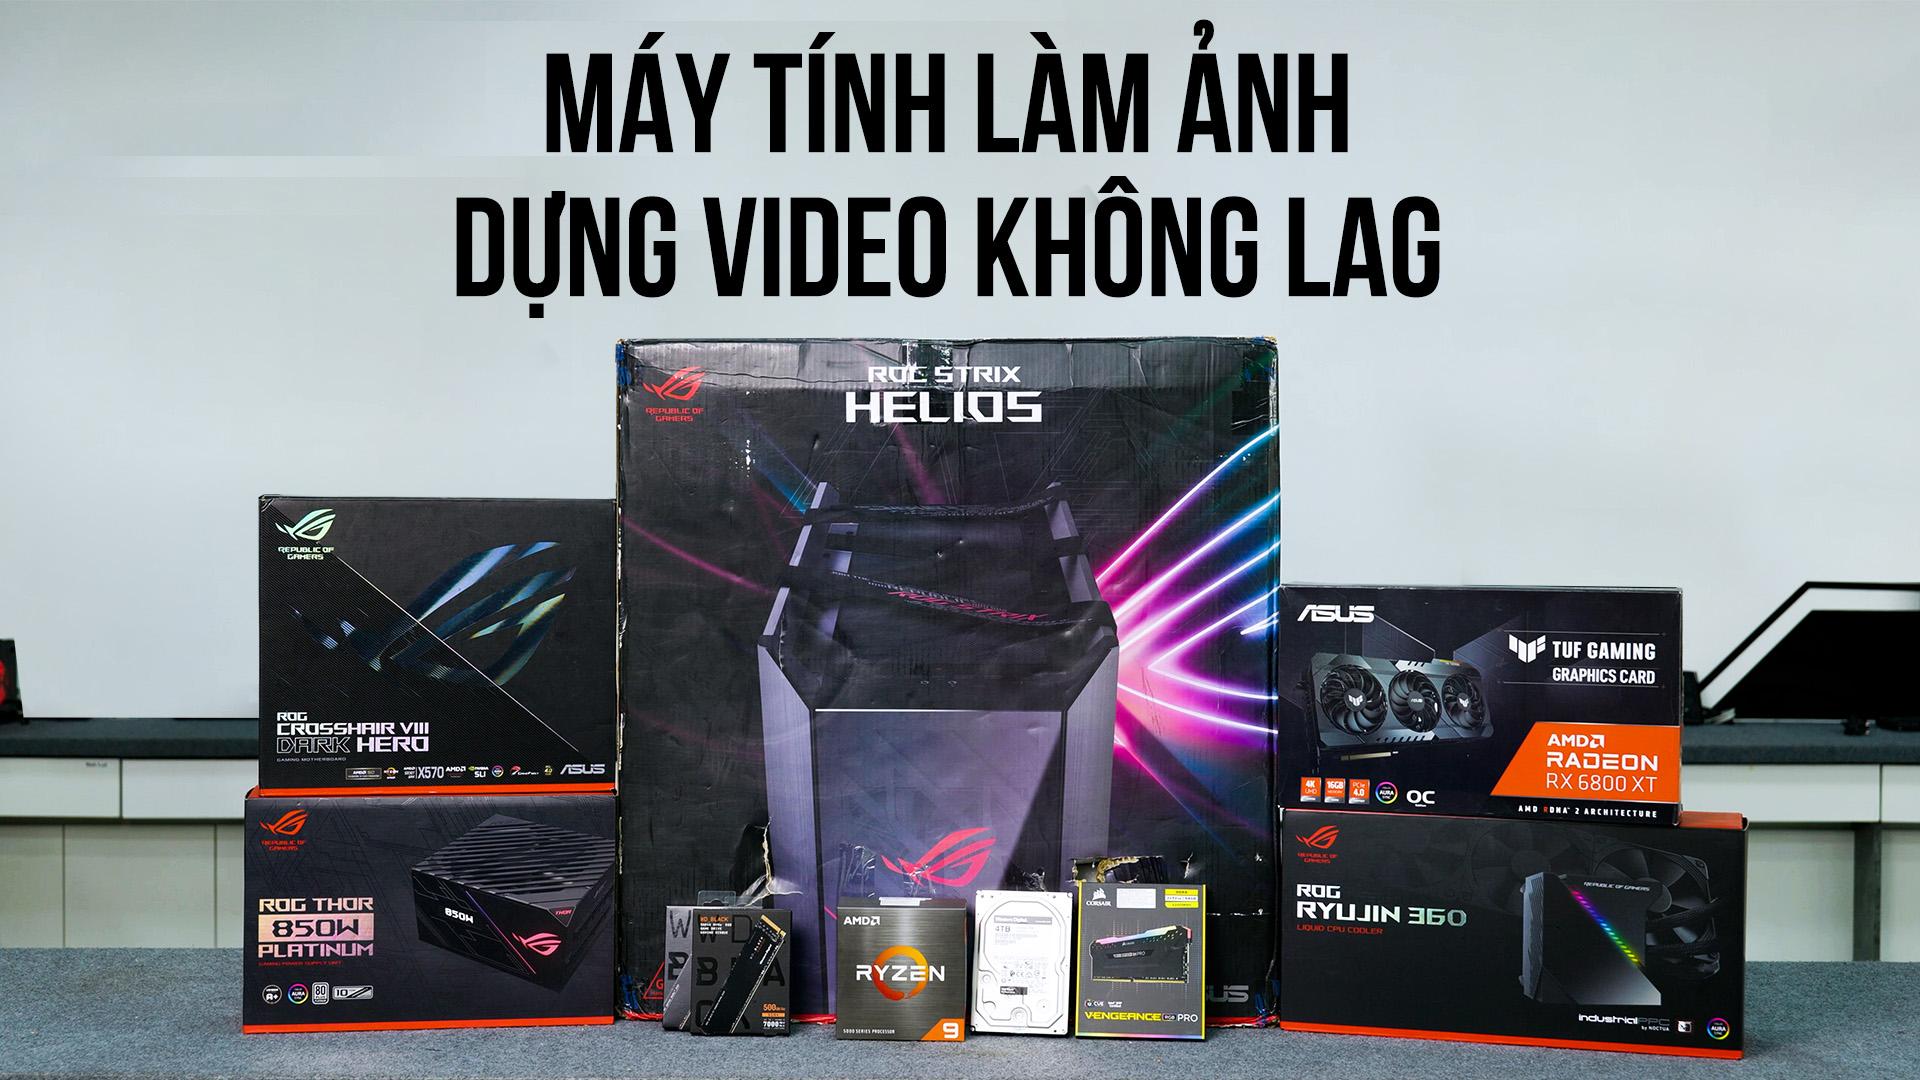 Máy tính cấu hình siêu khỏe để dựng video và làm ảnh KHÔNG LAG! 50mm Vietnam - Chuyên Trang Nhiếp ẢNh